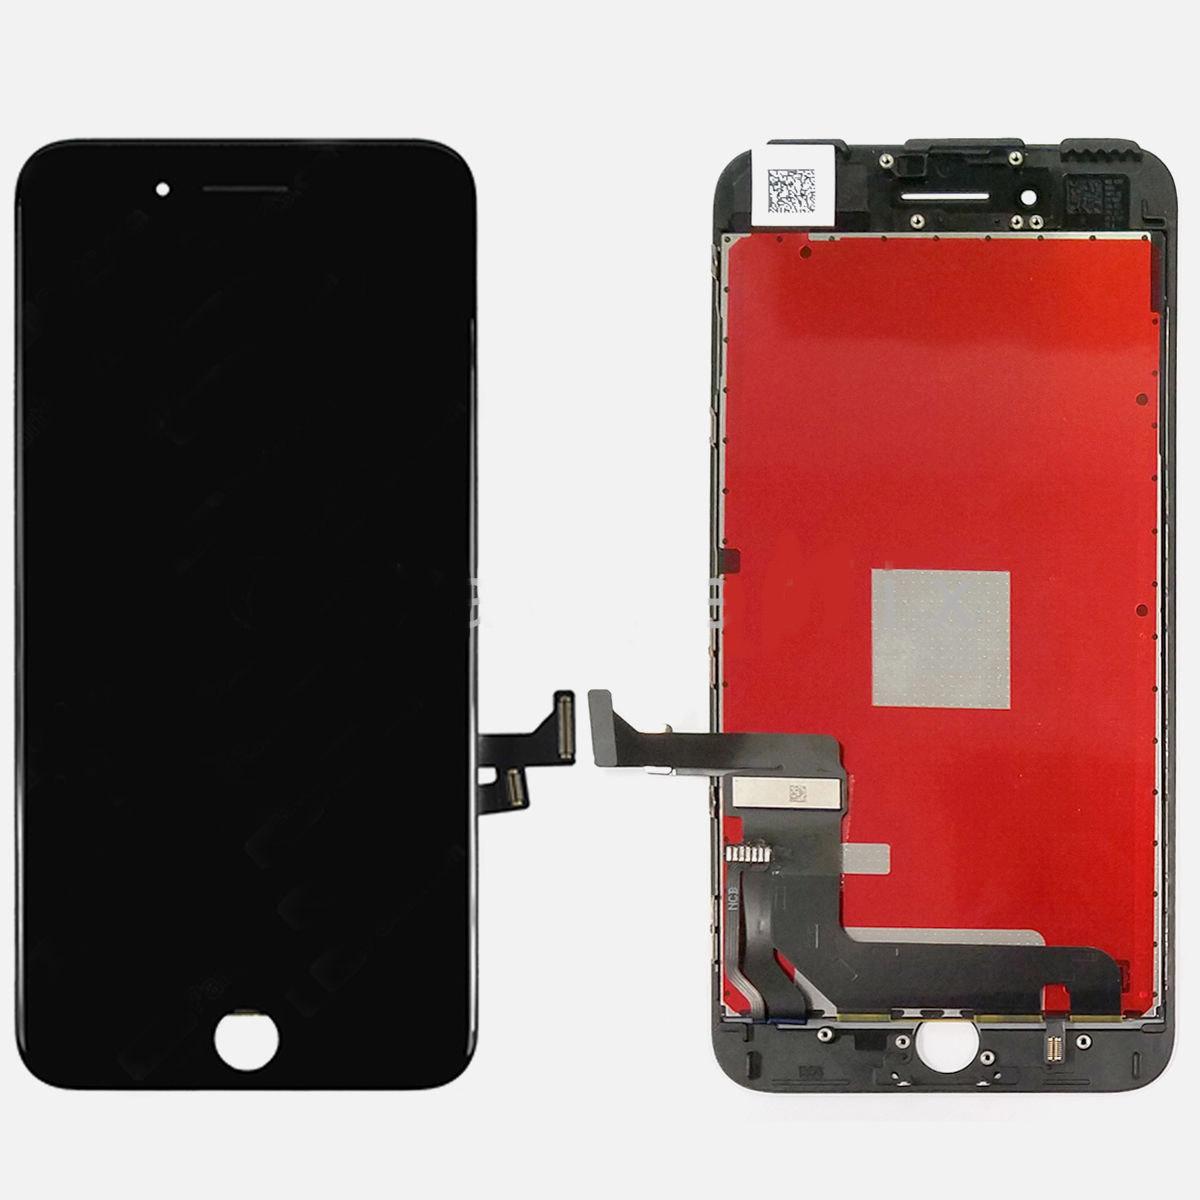 เปลี่ยนจอ iPhone 7 Plus หน้าจอแตก ไม่เห็นภาพ ทัสกรีนกดไม่ได้ จอแท้